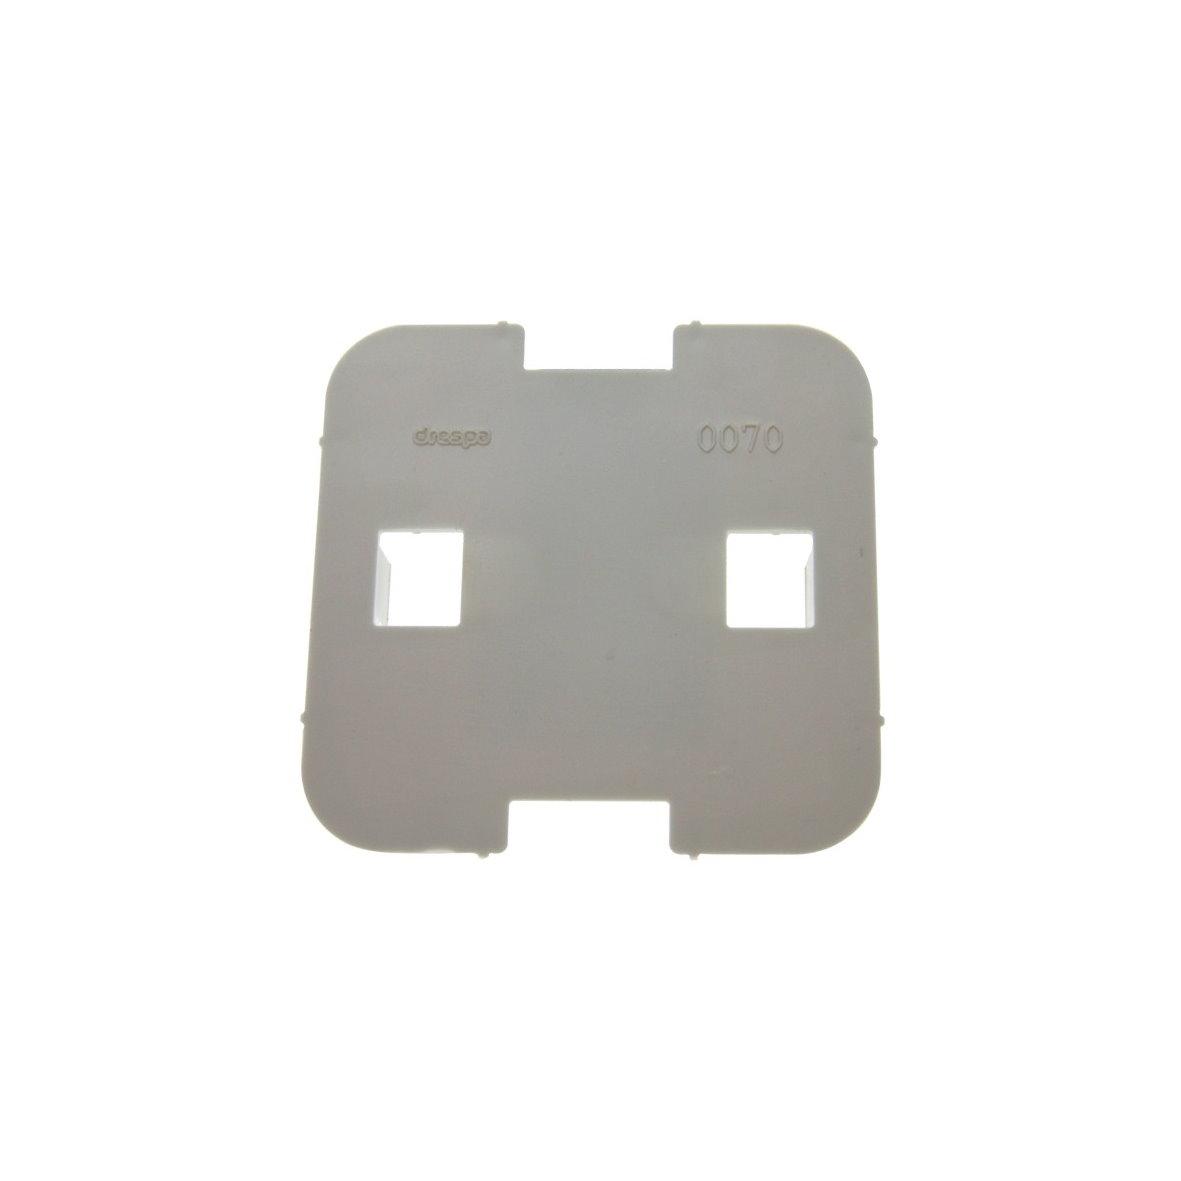 Aufputz-Aufbau-Schalter-Programm-Serie-Steckdose-Einschalter-Ausschalter-2-Fach